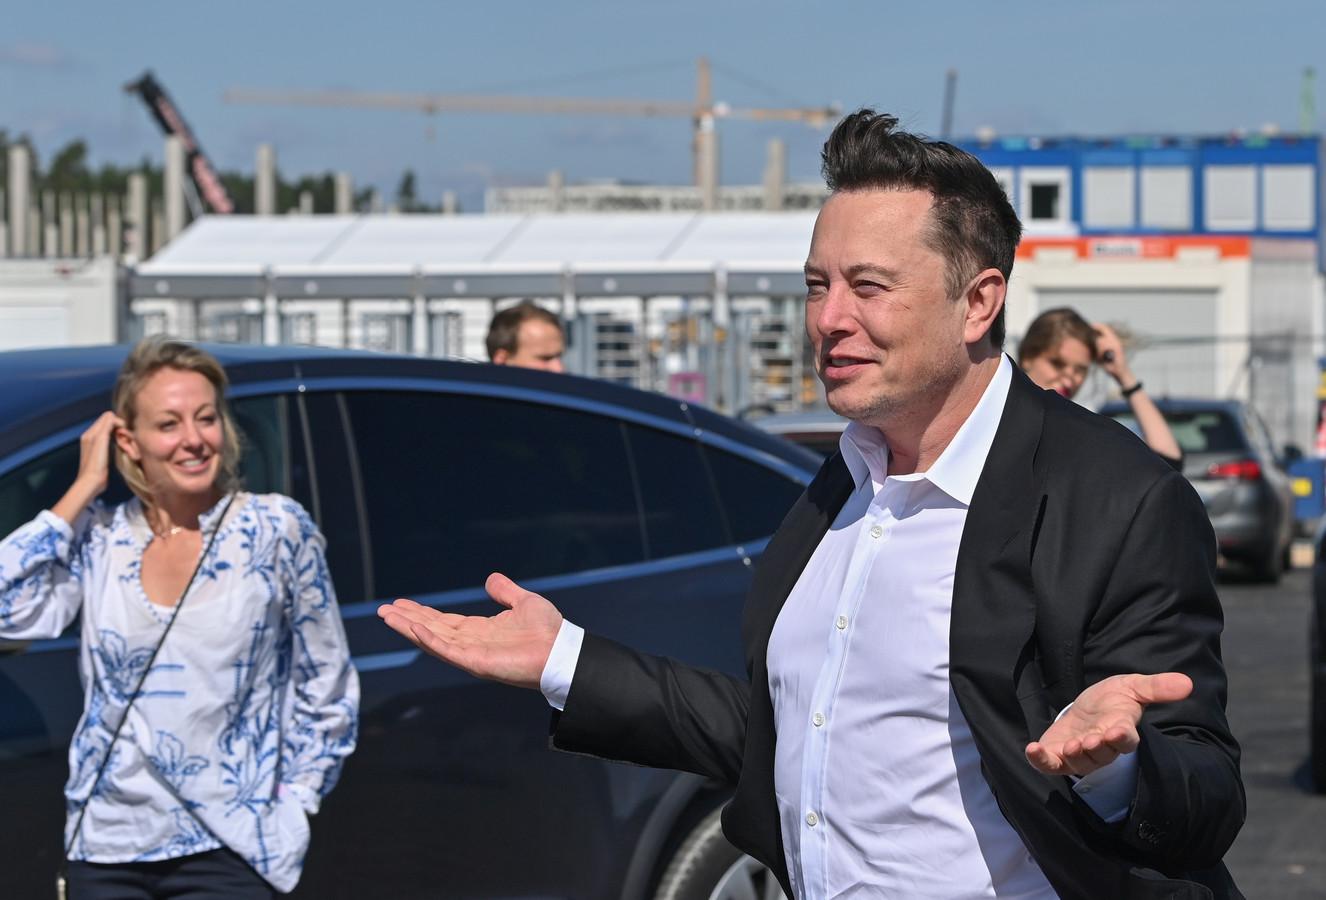 Teslabaas Elon Musk bezocht dit najaar de nieuwe Gigafactory die bij Berlijn wordt gebouwd. Hij overweegt daar ook een kleiner model, speciaal voor de Europese markt, te gaan bouwen.